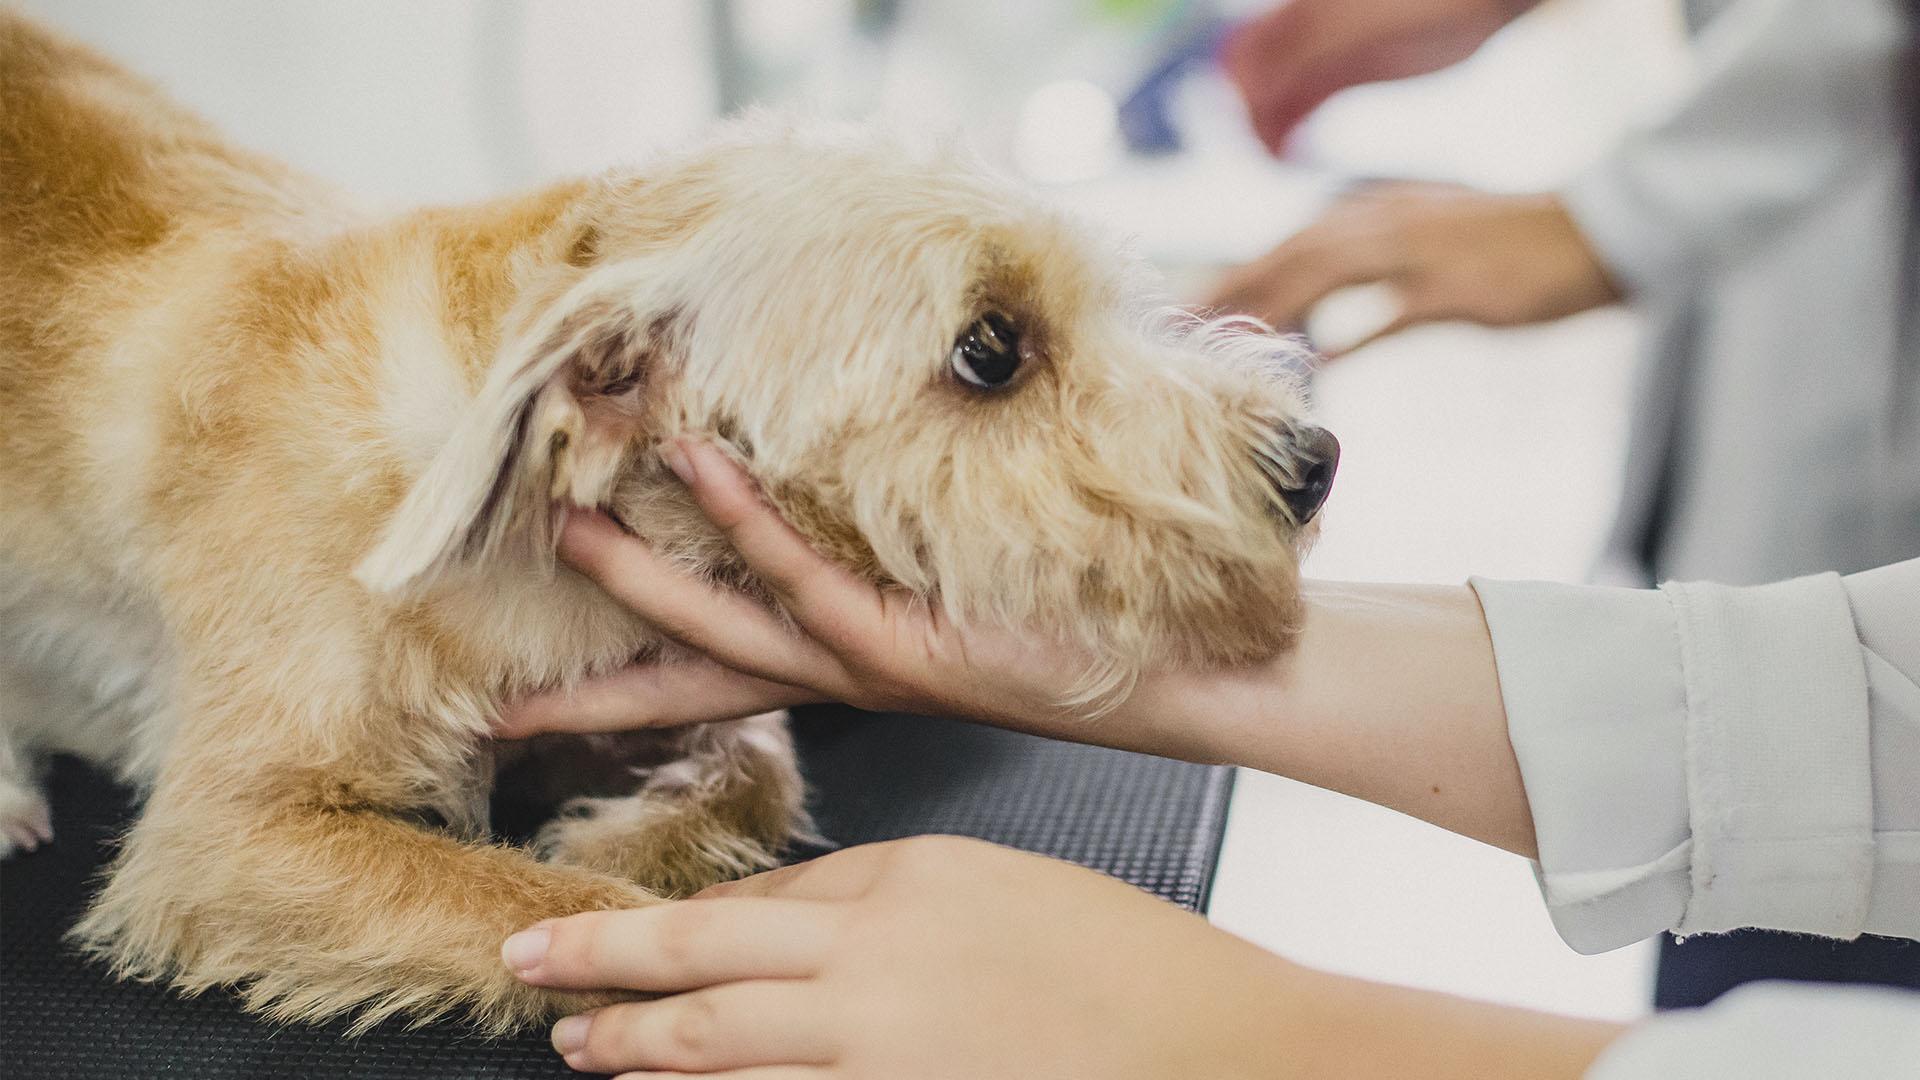 Tierarztpraxis d'Orazio - Schutz vor Zecken